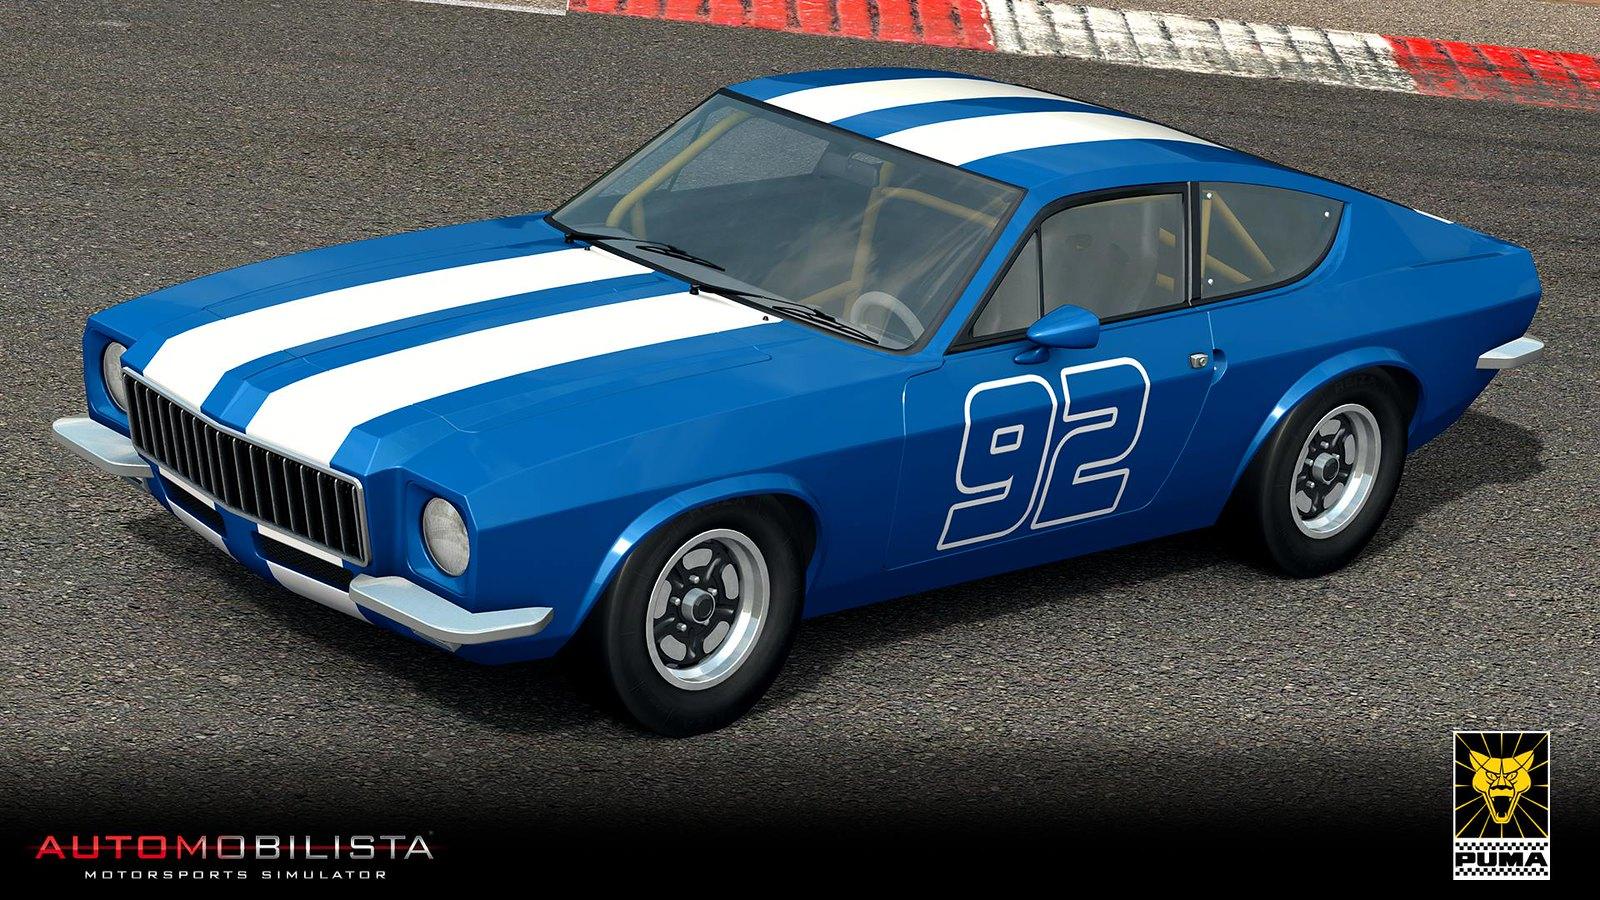 Automobilist Pumas 4